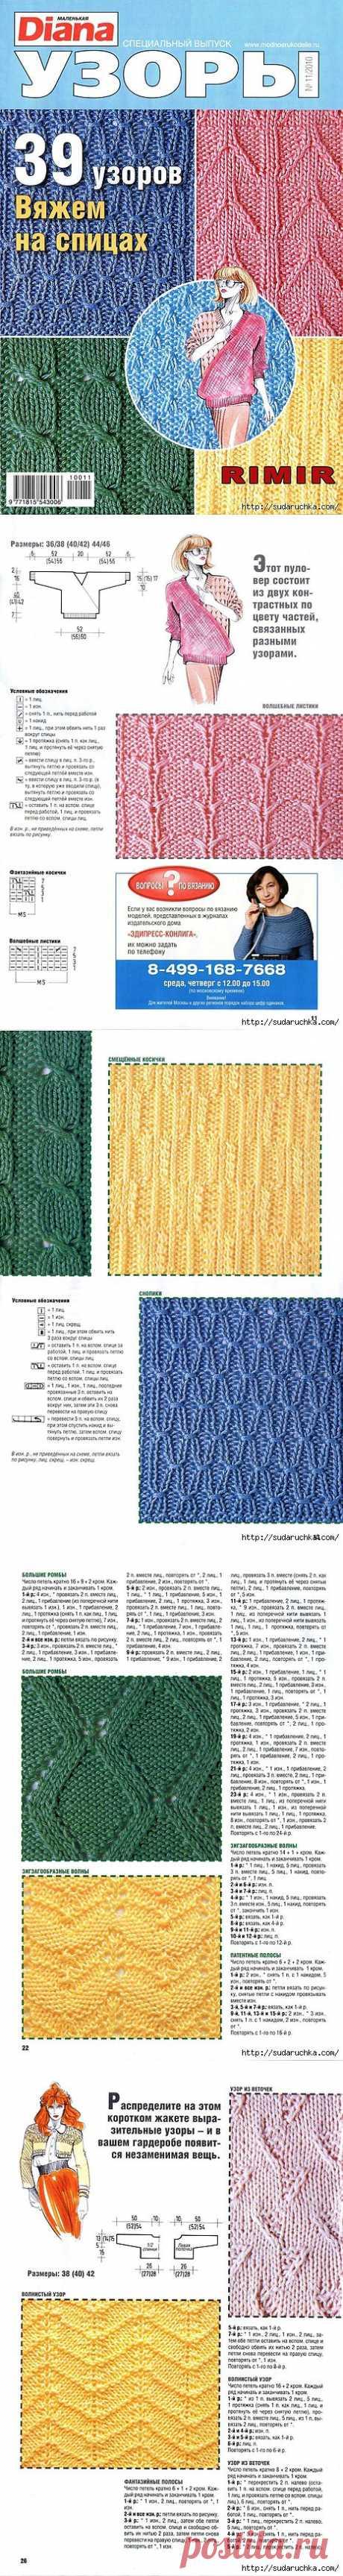 """39 узоров для вязания спицами"""".Журнал по вязанию.."""